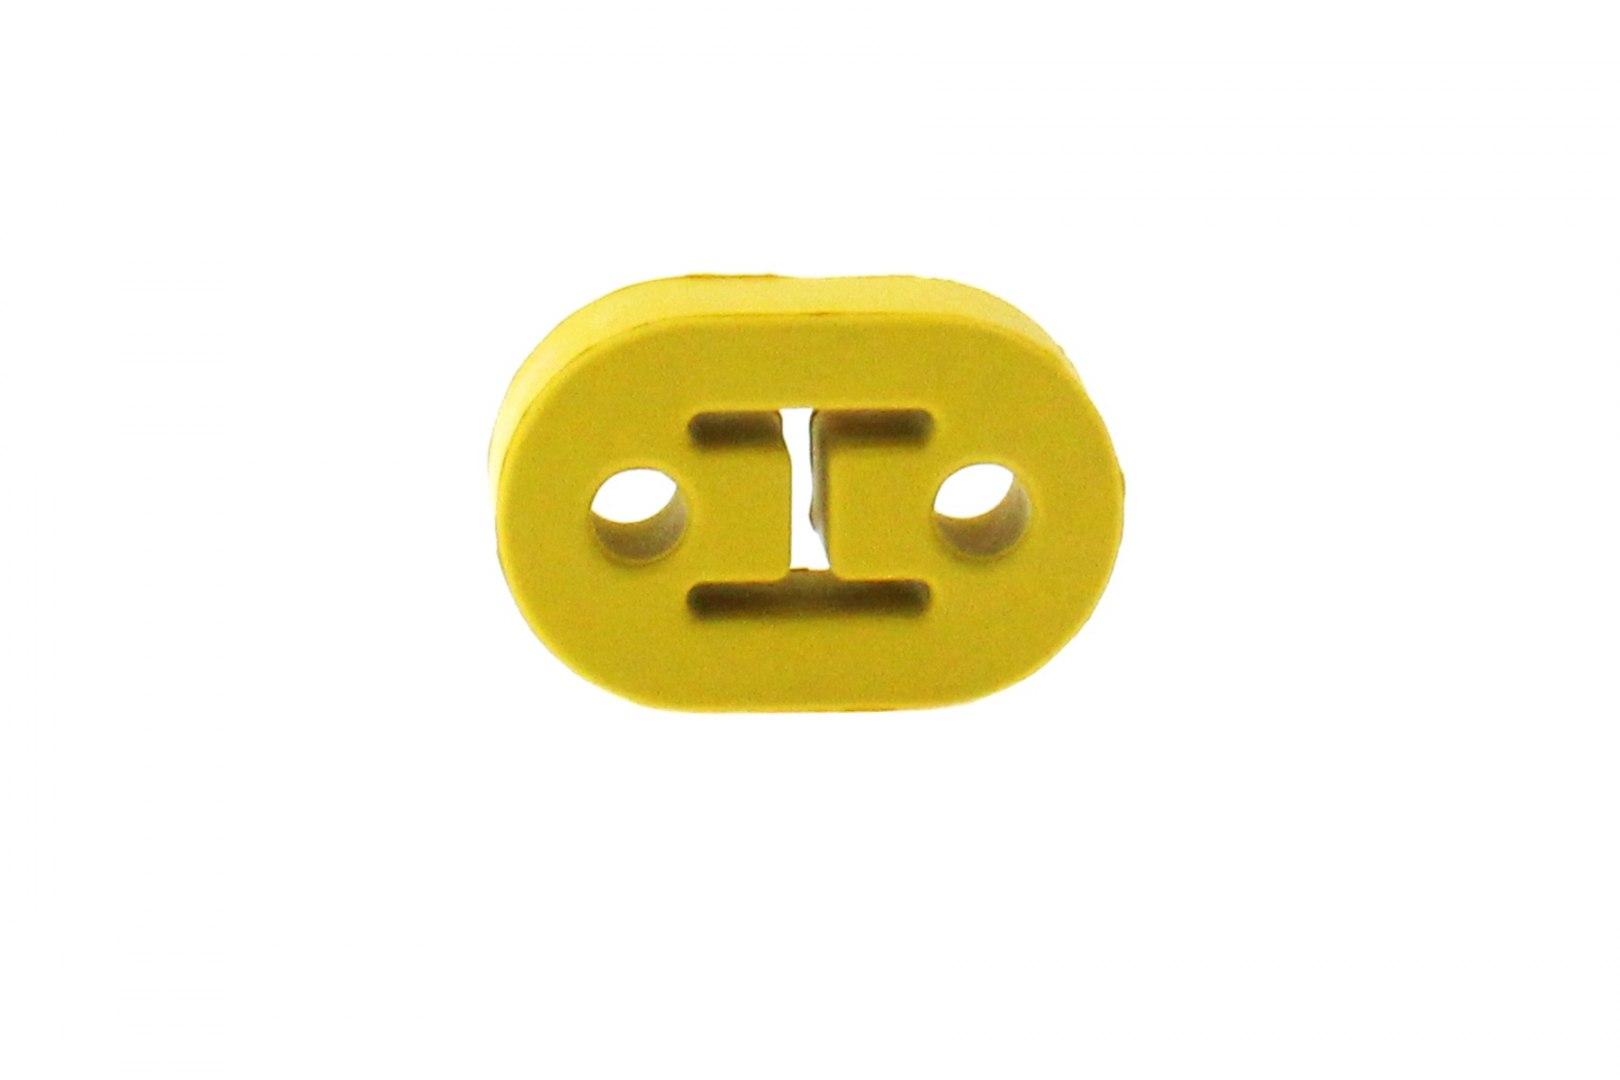 Wieszak Tłumika Typ-1 TurboWorks Żółty - GRUBYGARAGE - Sklep Tuningowy